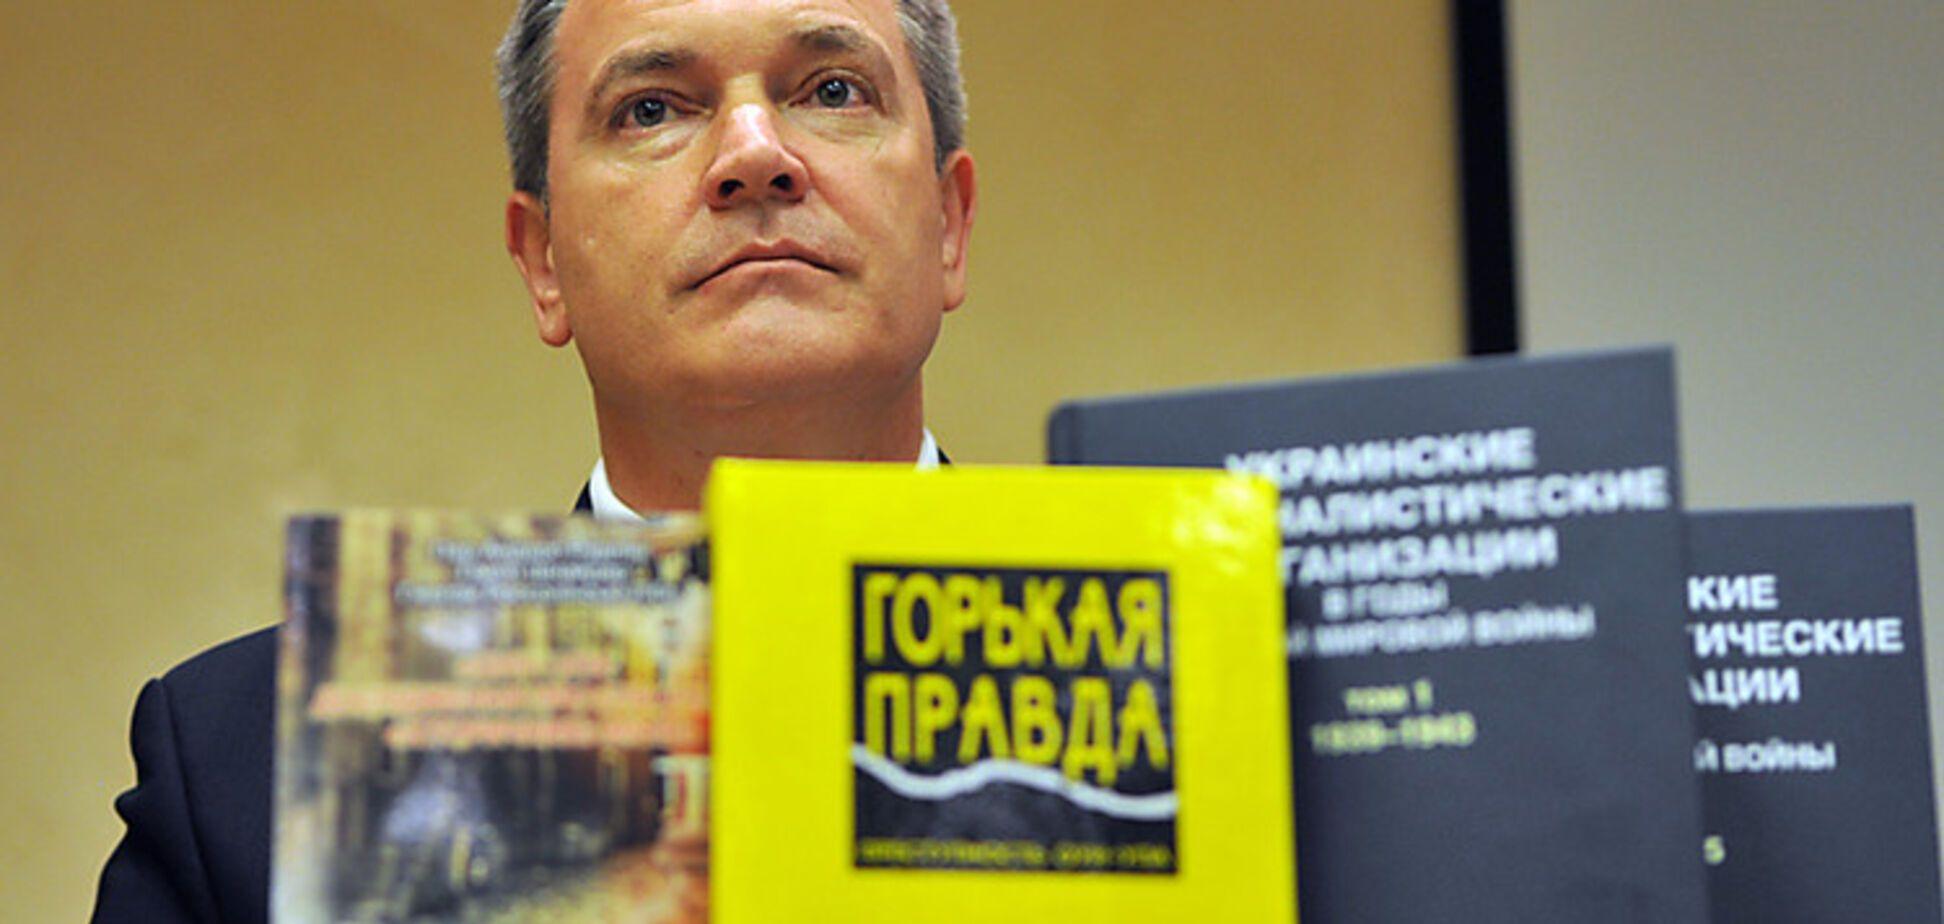 Окупанти 'кинули' скандального екс-регіонала на 'виборах' у Севастополі